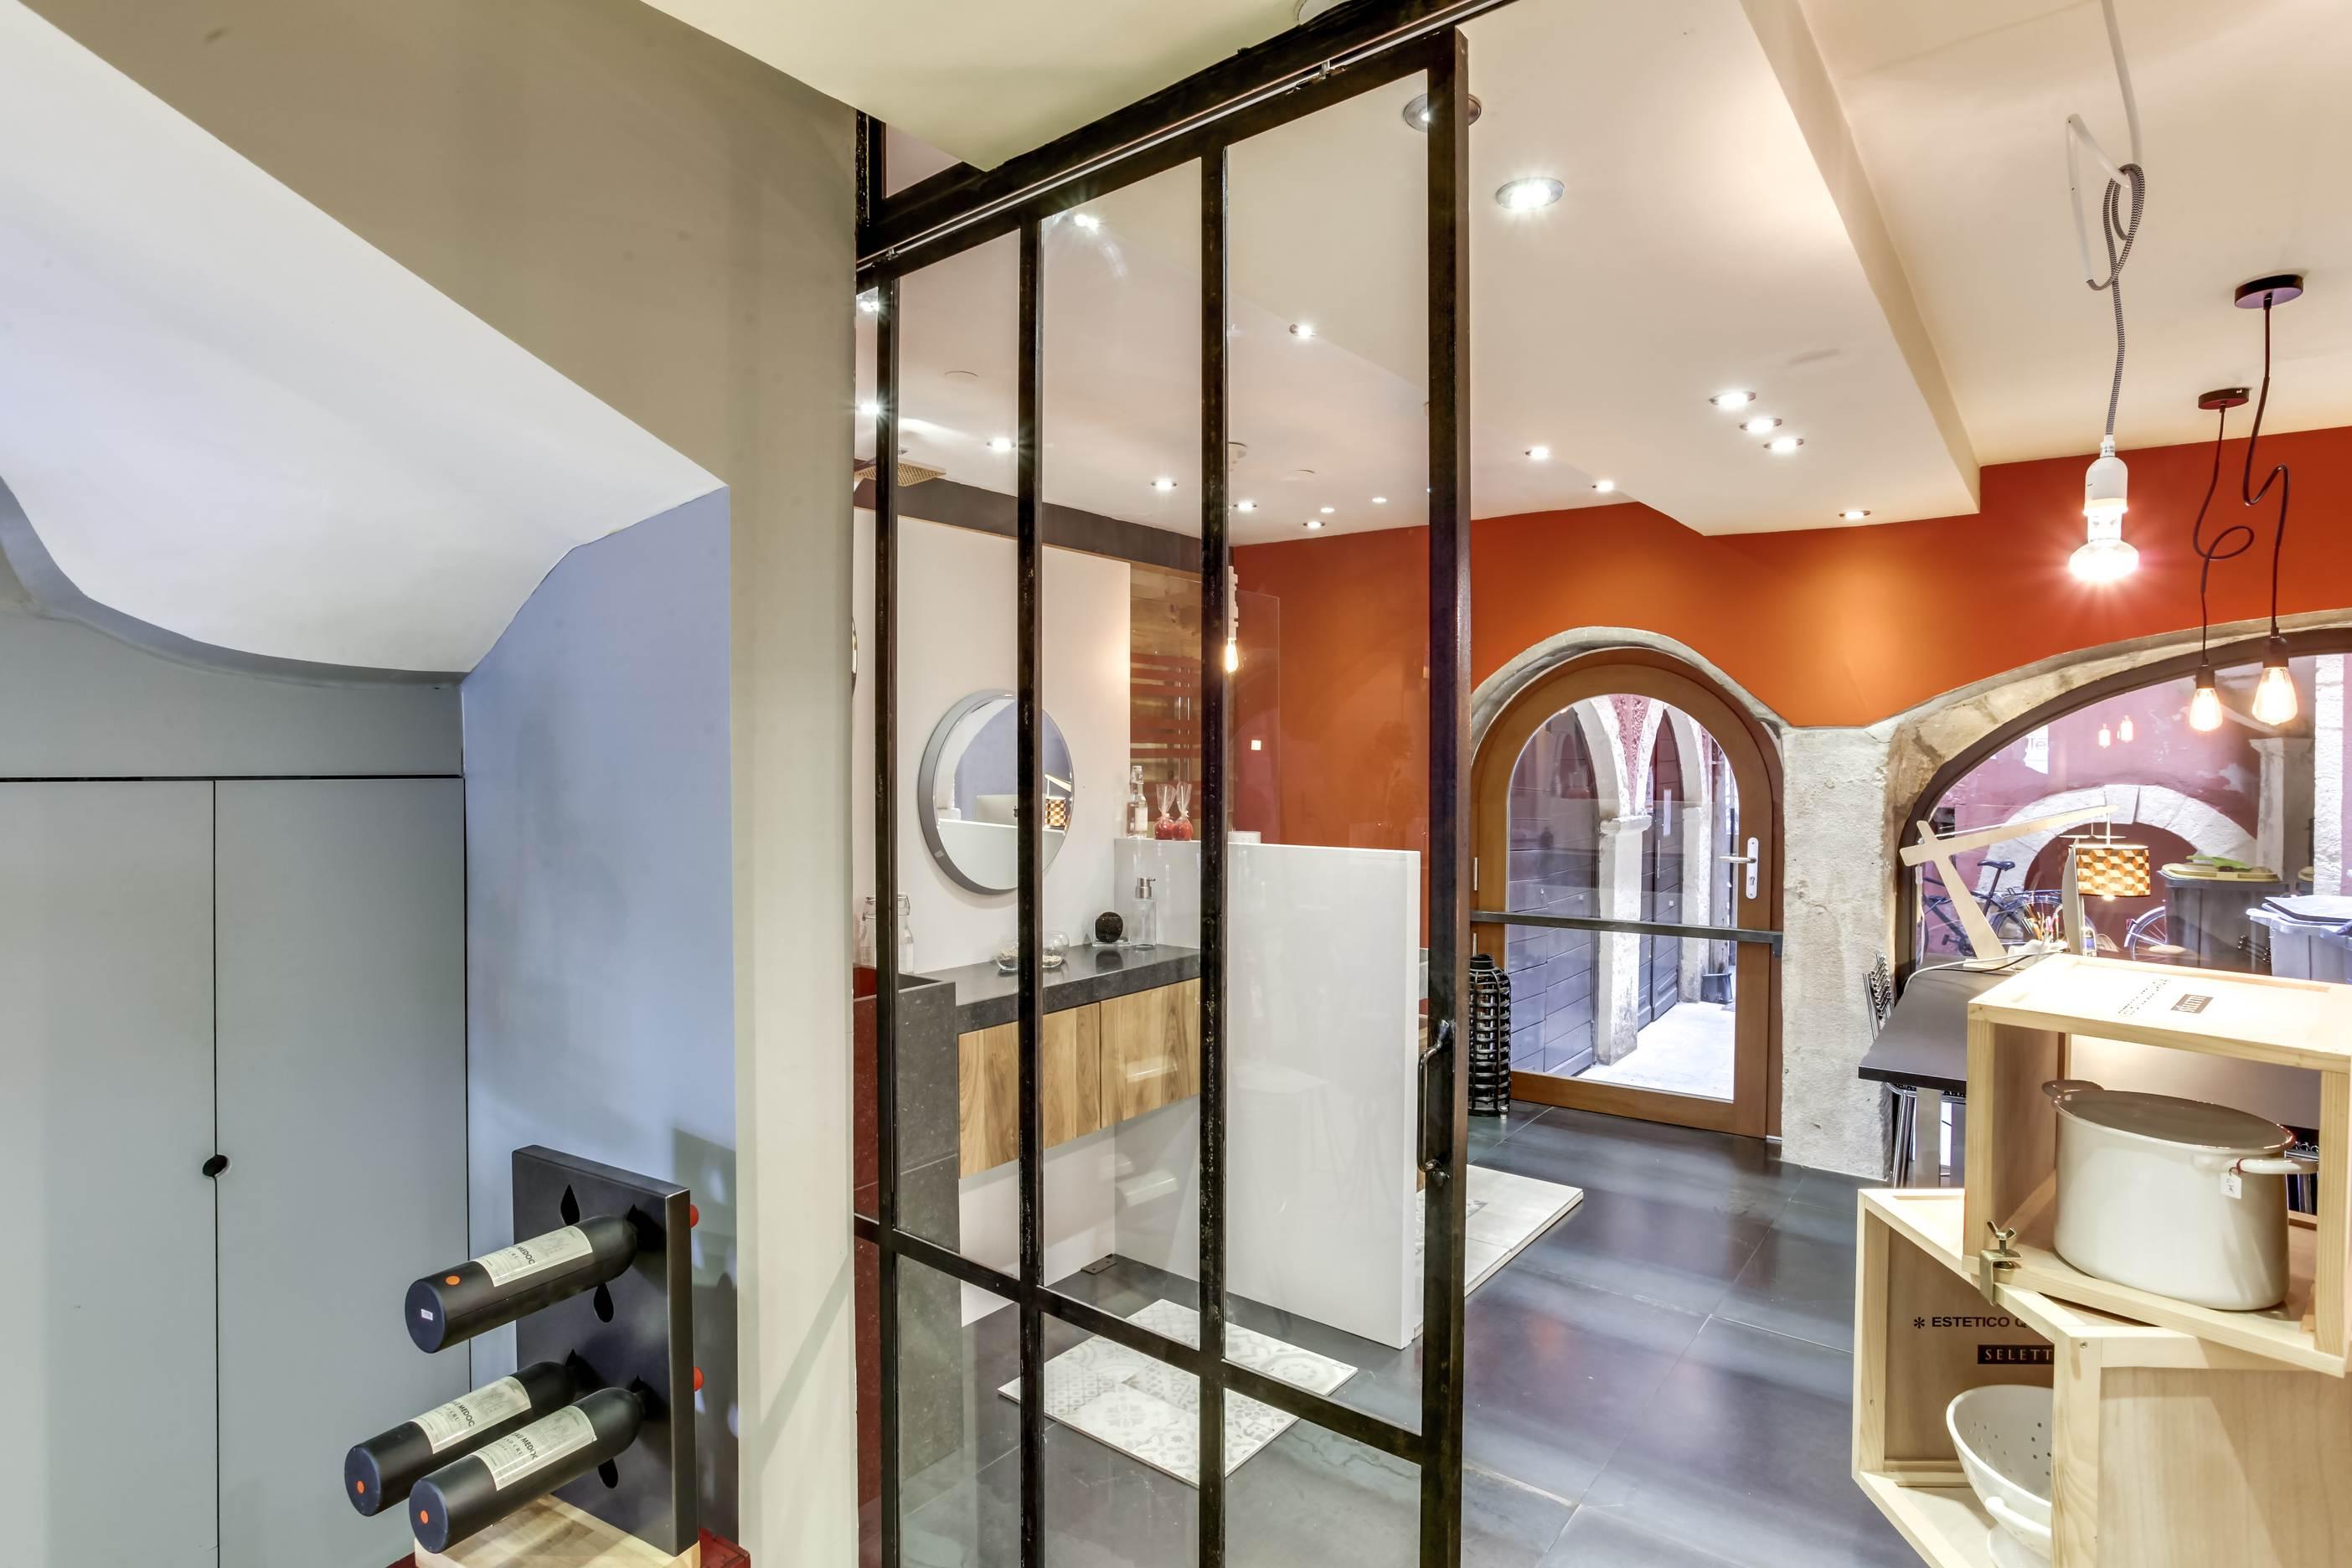 showroom salle de bain best carrelage salle de bain design showroom carrelage salle de bain. Black Bedroom Furniture Sets. Home Design Ideas